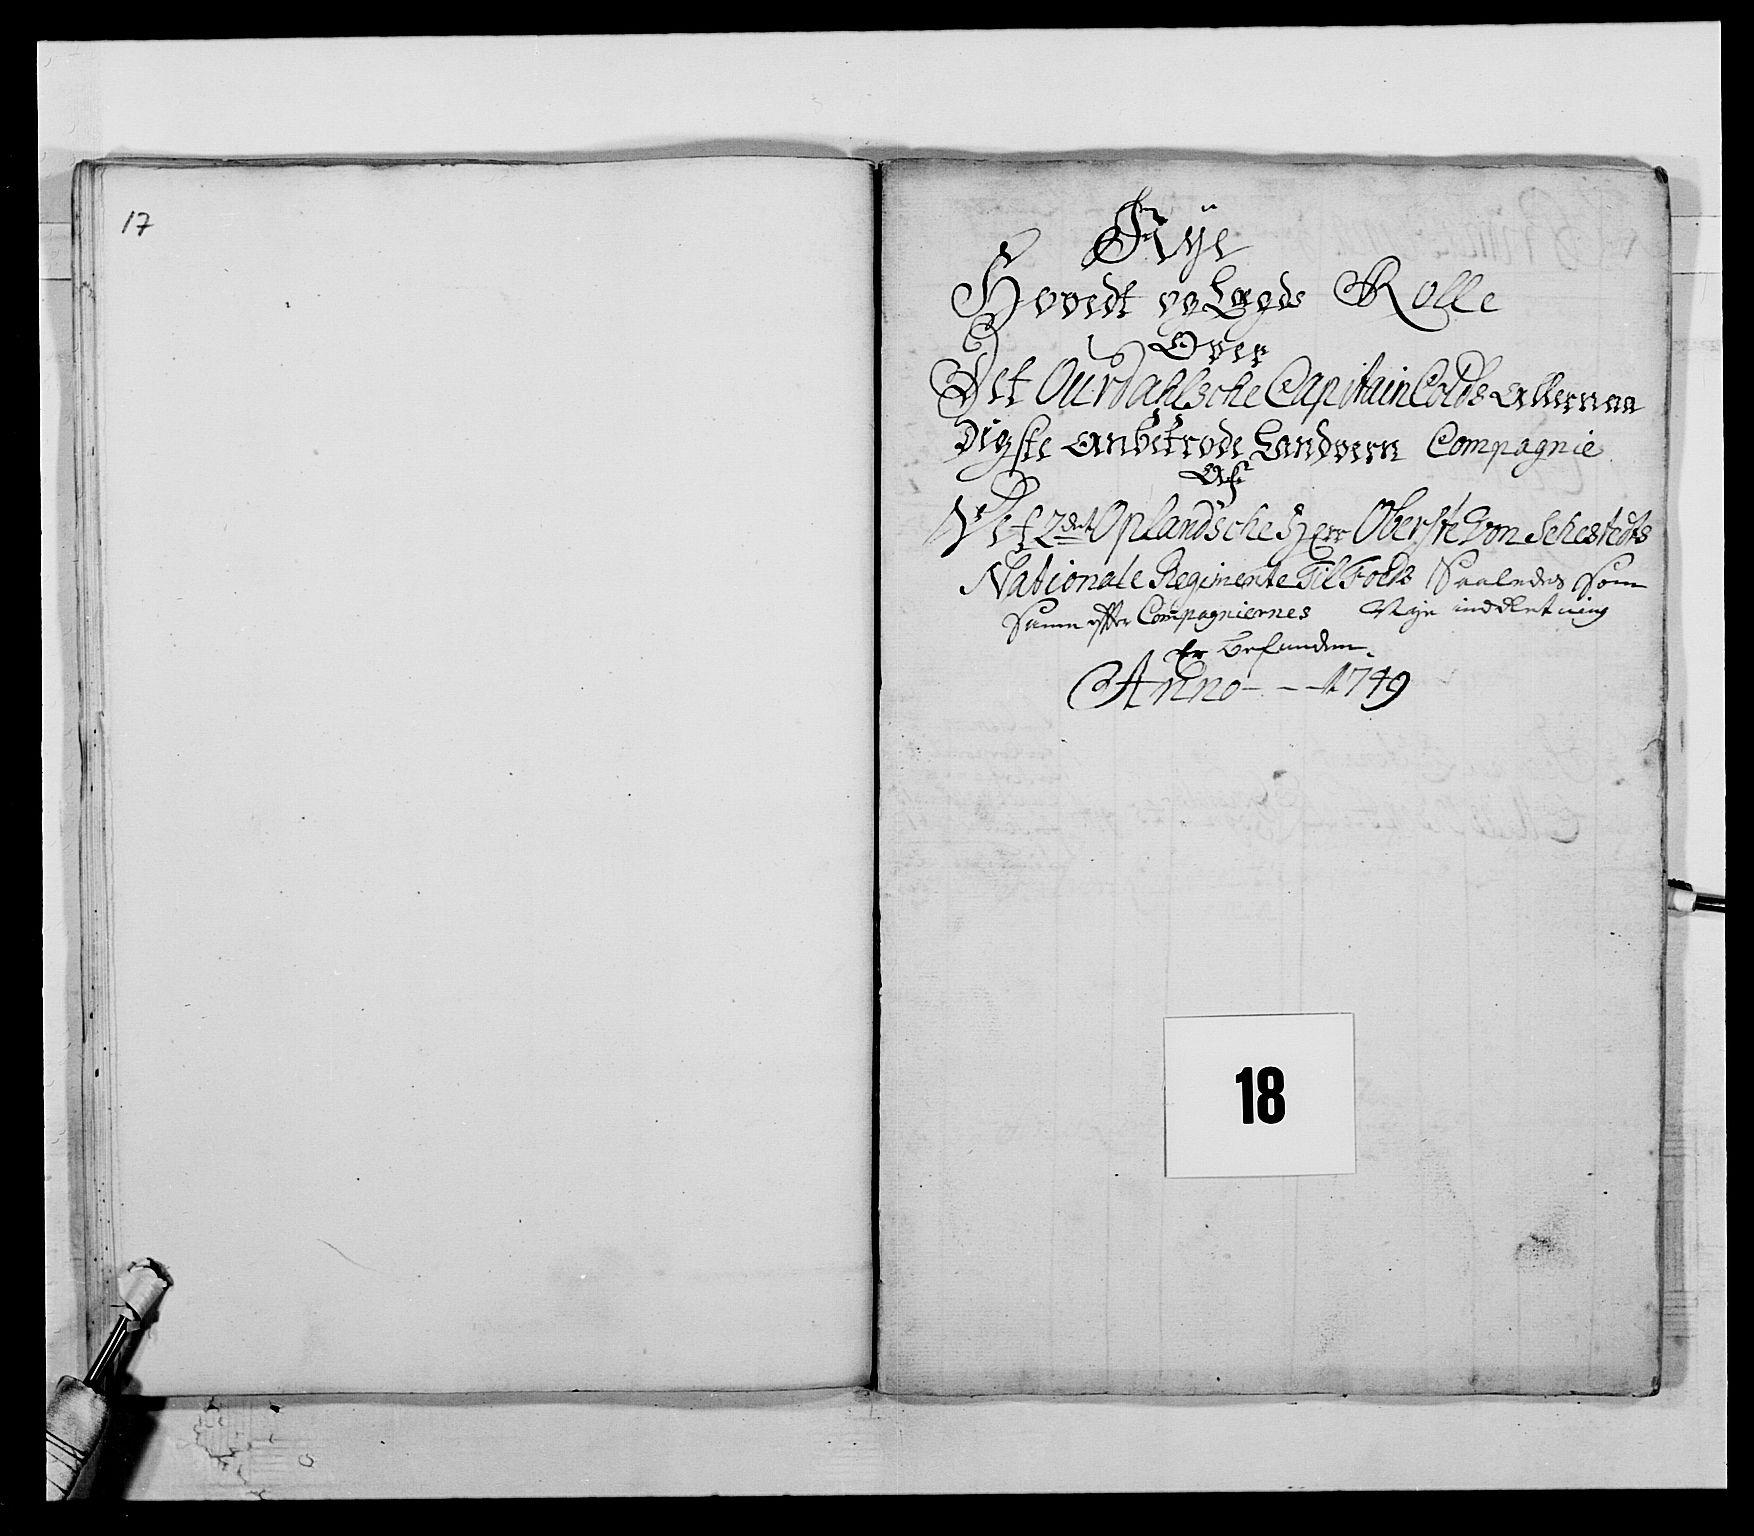 RA, Kommanderende general (KG I) med Det norske krigsdirektorium, E/Ea/L0505: 2. Opplandske regiment, 1748, s. 509